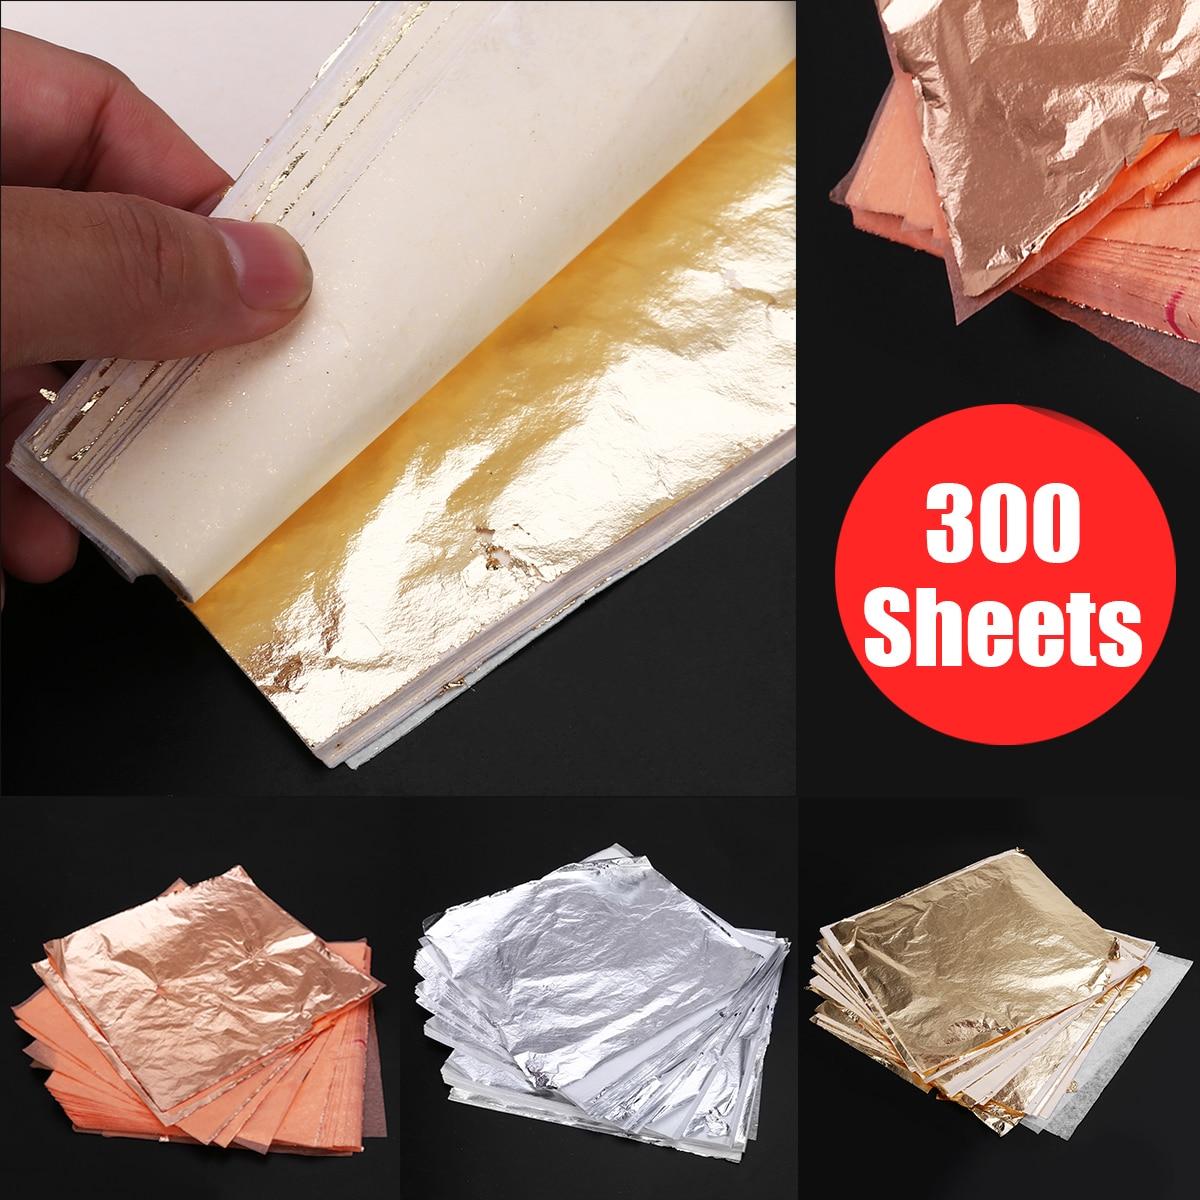 300 blätter Gold + Silber + Kupfer Folie 14*14cm Blatt Vergoldung Kunst Handwerk Nachahmung für Dekorieren Decke wand Notebook